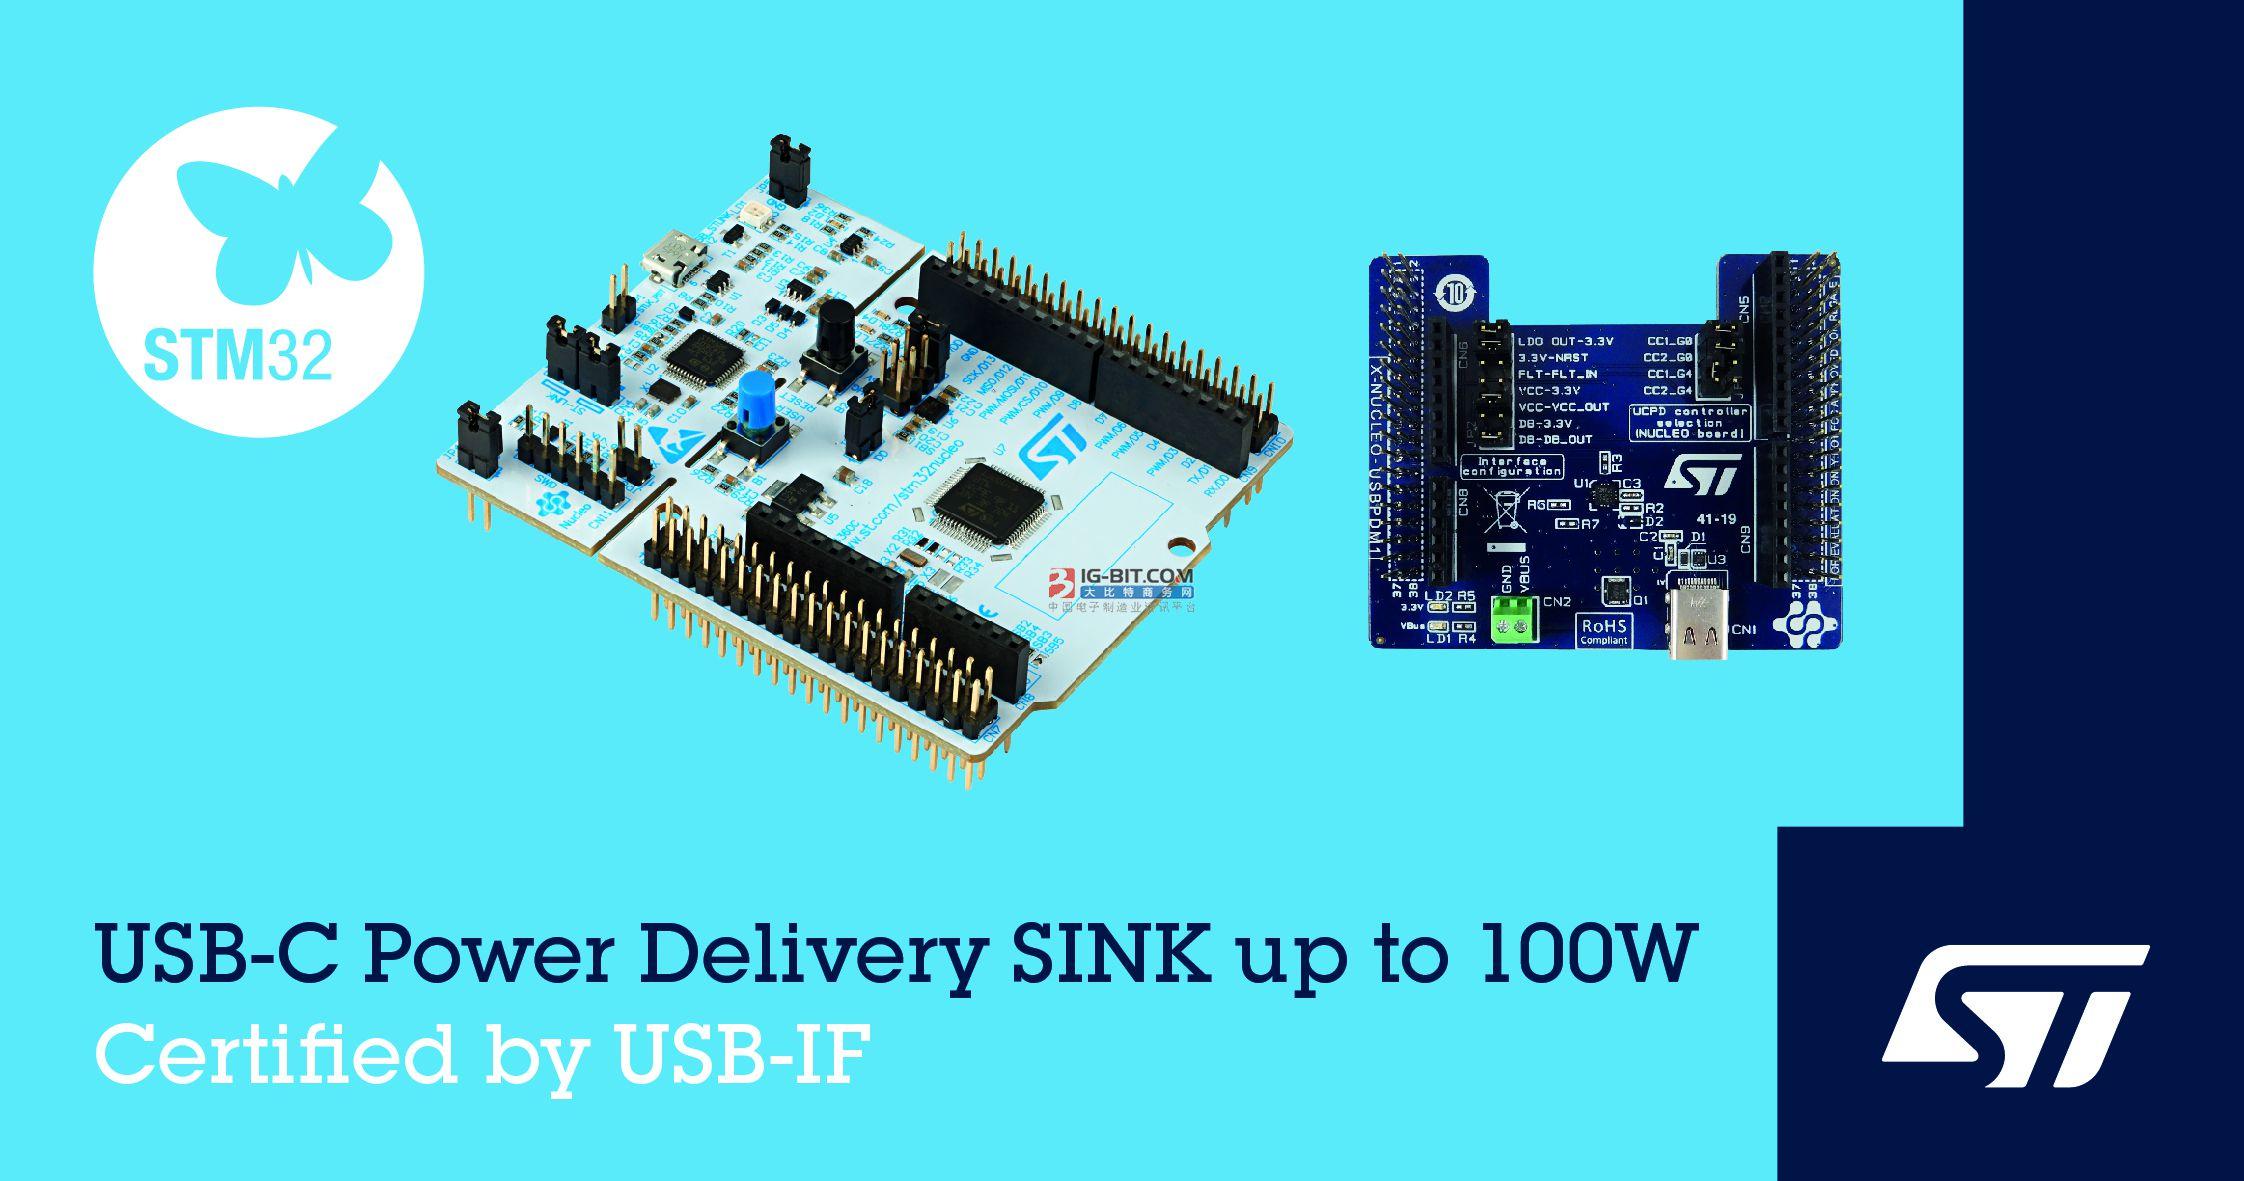 意法半导体推出USB-IF认证开发板,将USB-C®和USB快充功能延伸到嵌入式应用